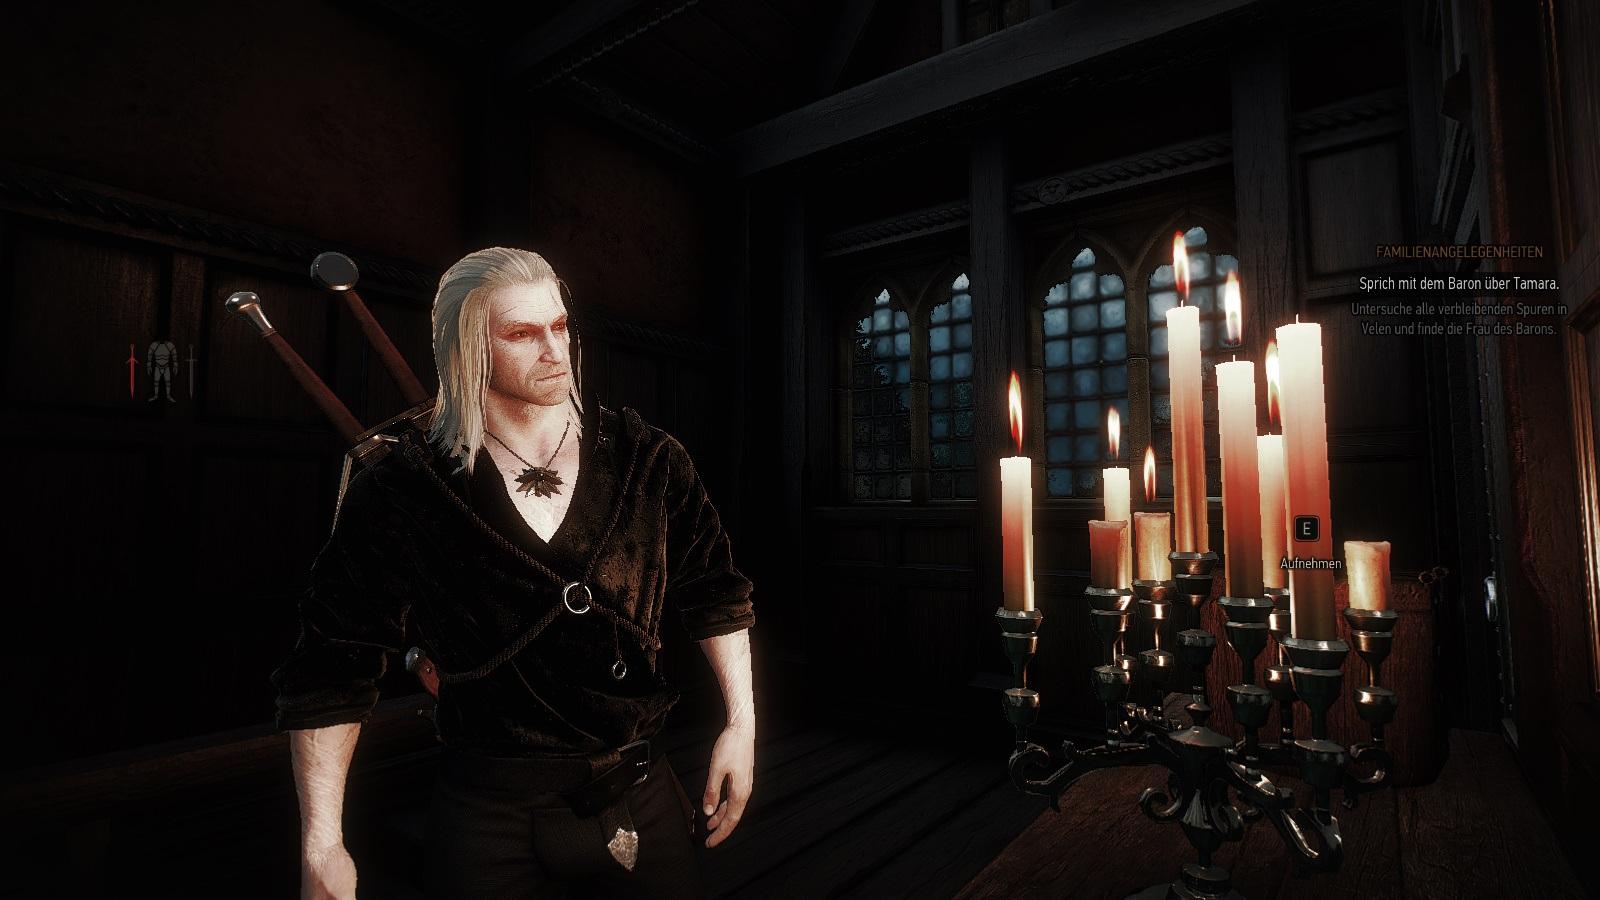 3 finde frau des the velen die barons witcher The Witcher